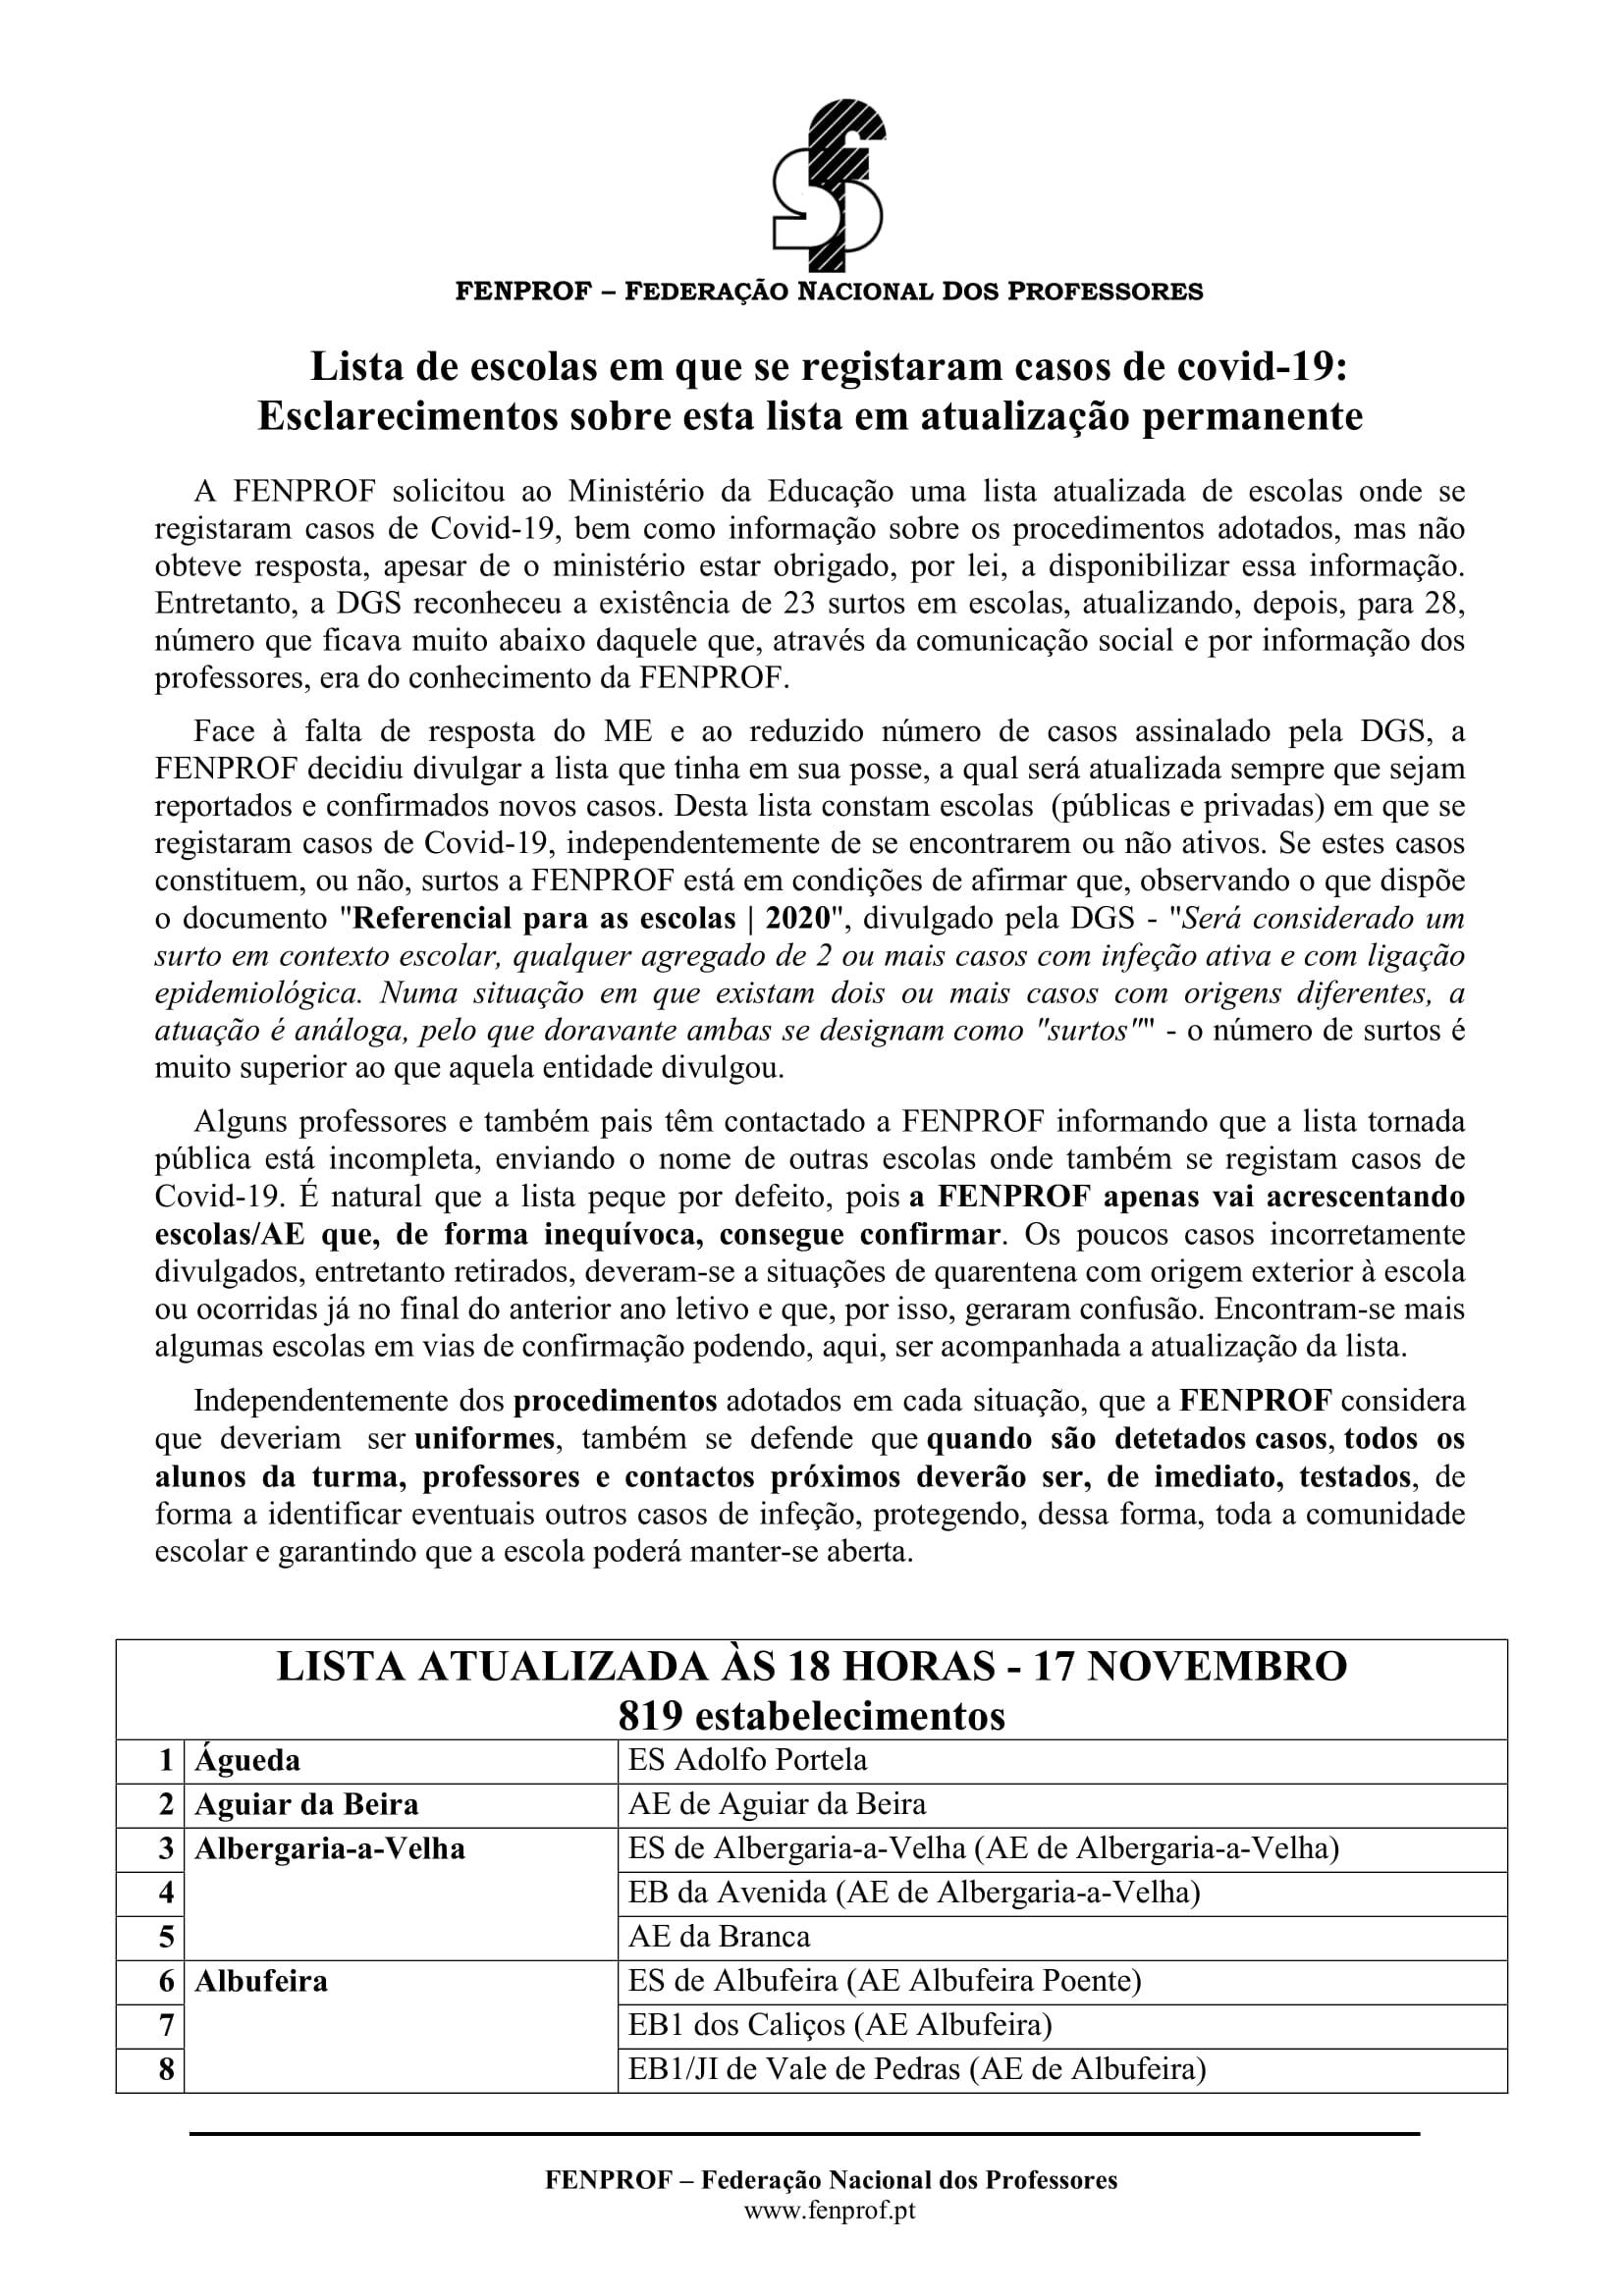 Lista_Escolas_17nov2020_18h-01